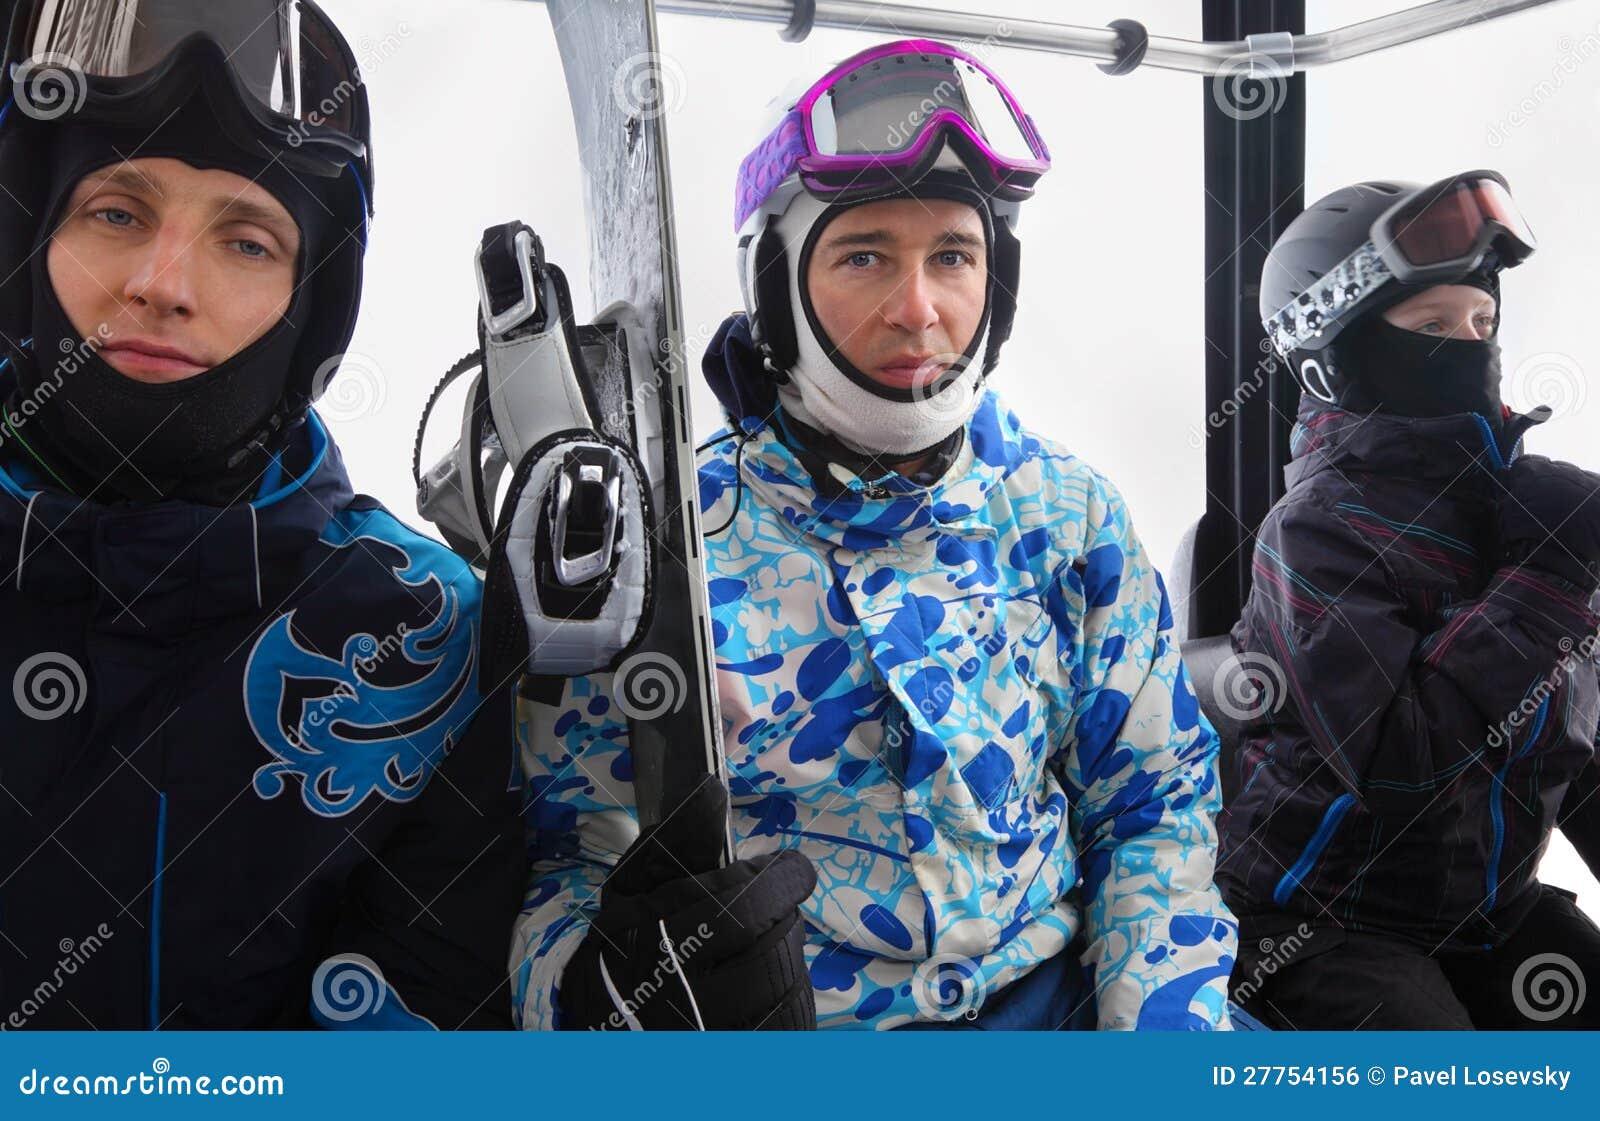 Trois skieurs dans la conduite de casques sur funiculaire